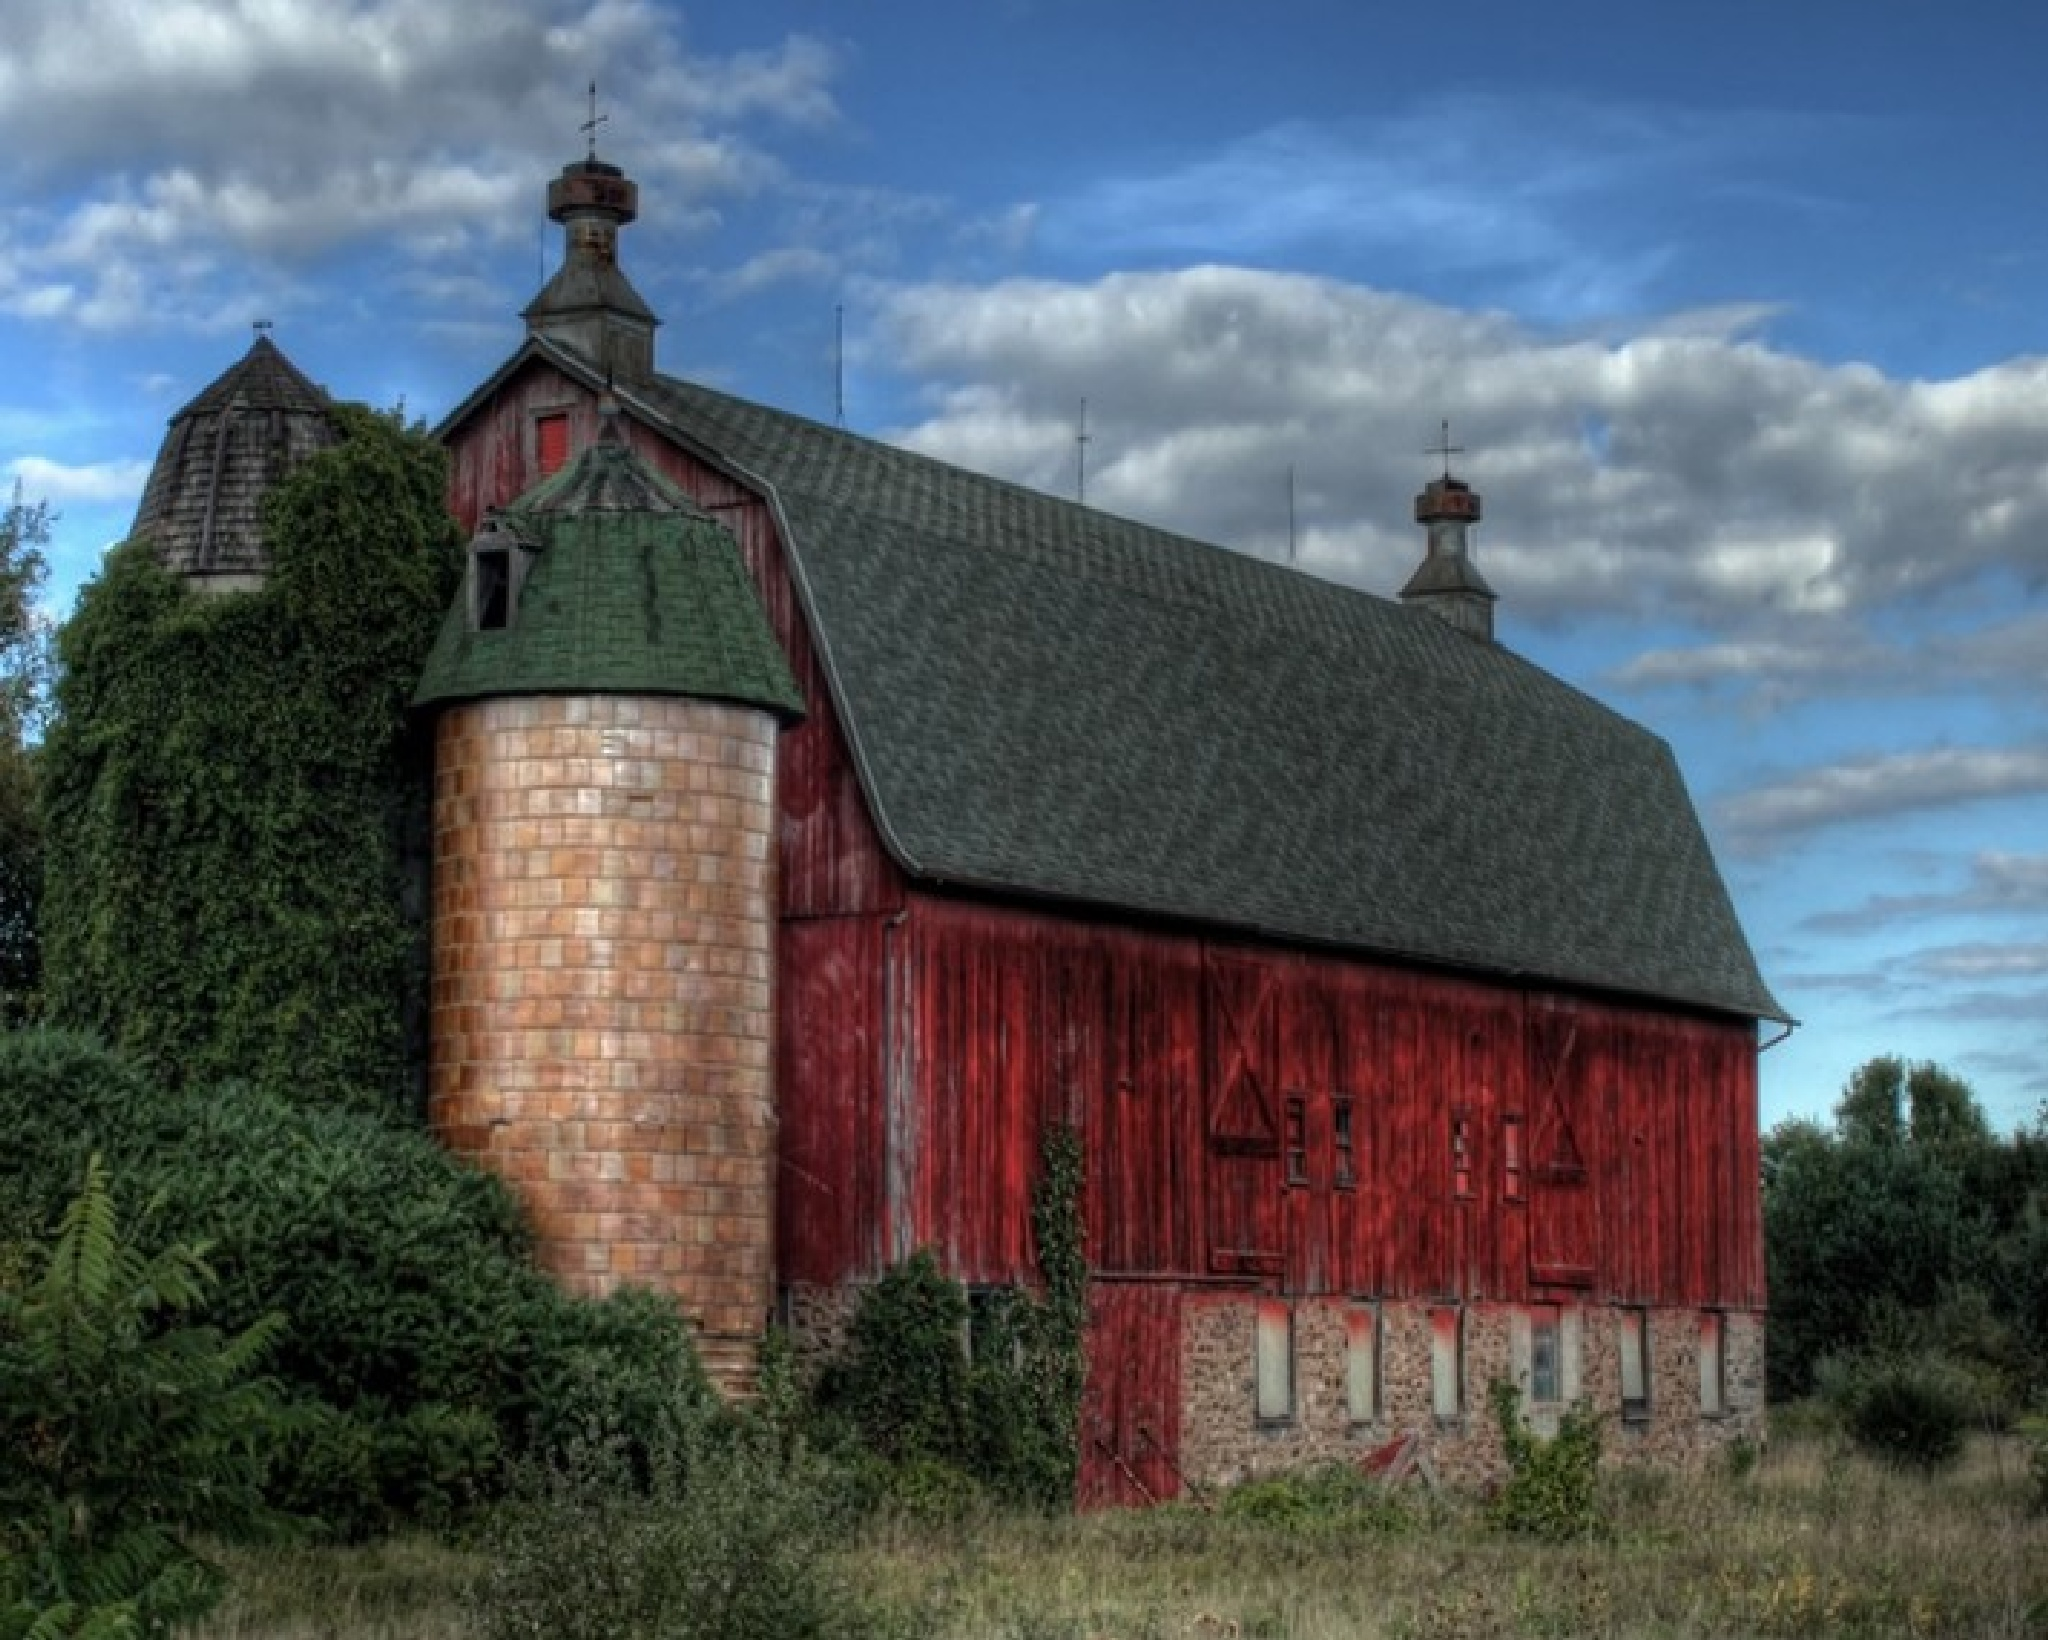 old Barn 2 by Raffael Krause